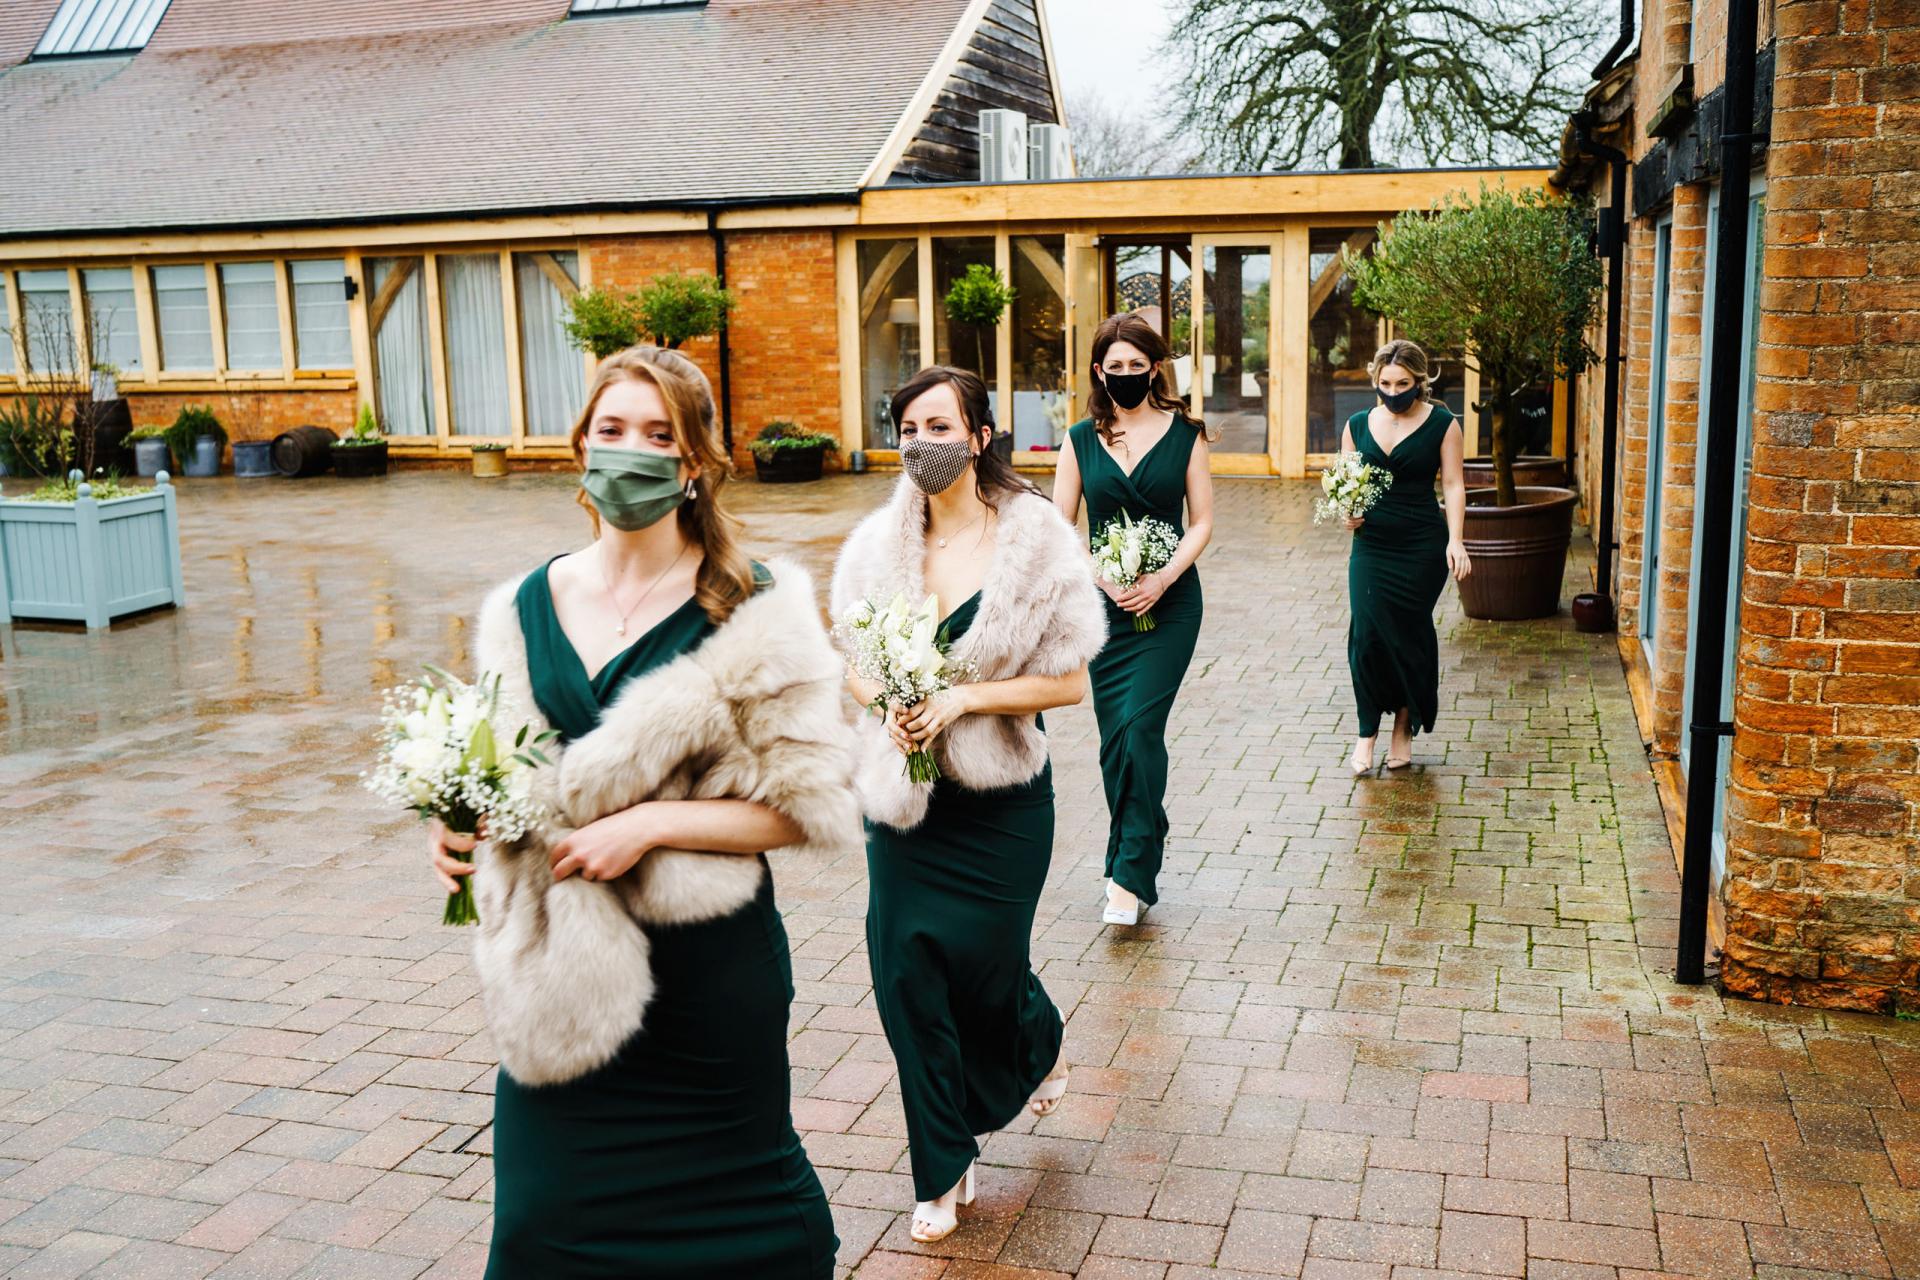 Bassmead Manor Barns Fotografía de bodas | Las damas de honor se van a la ceremonia con vestidos verde oscuro.